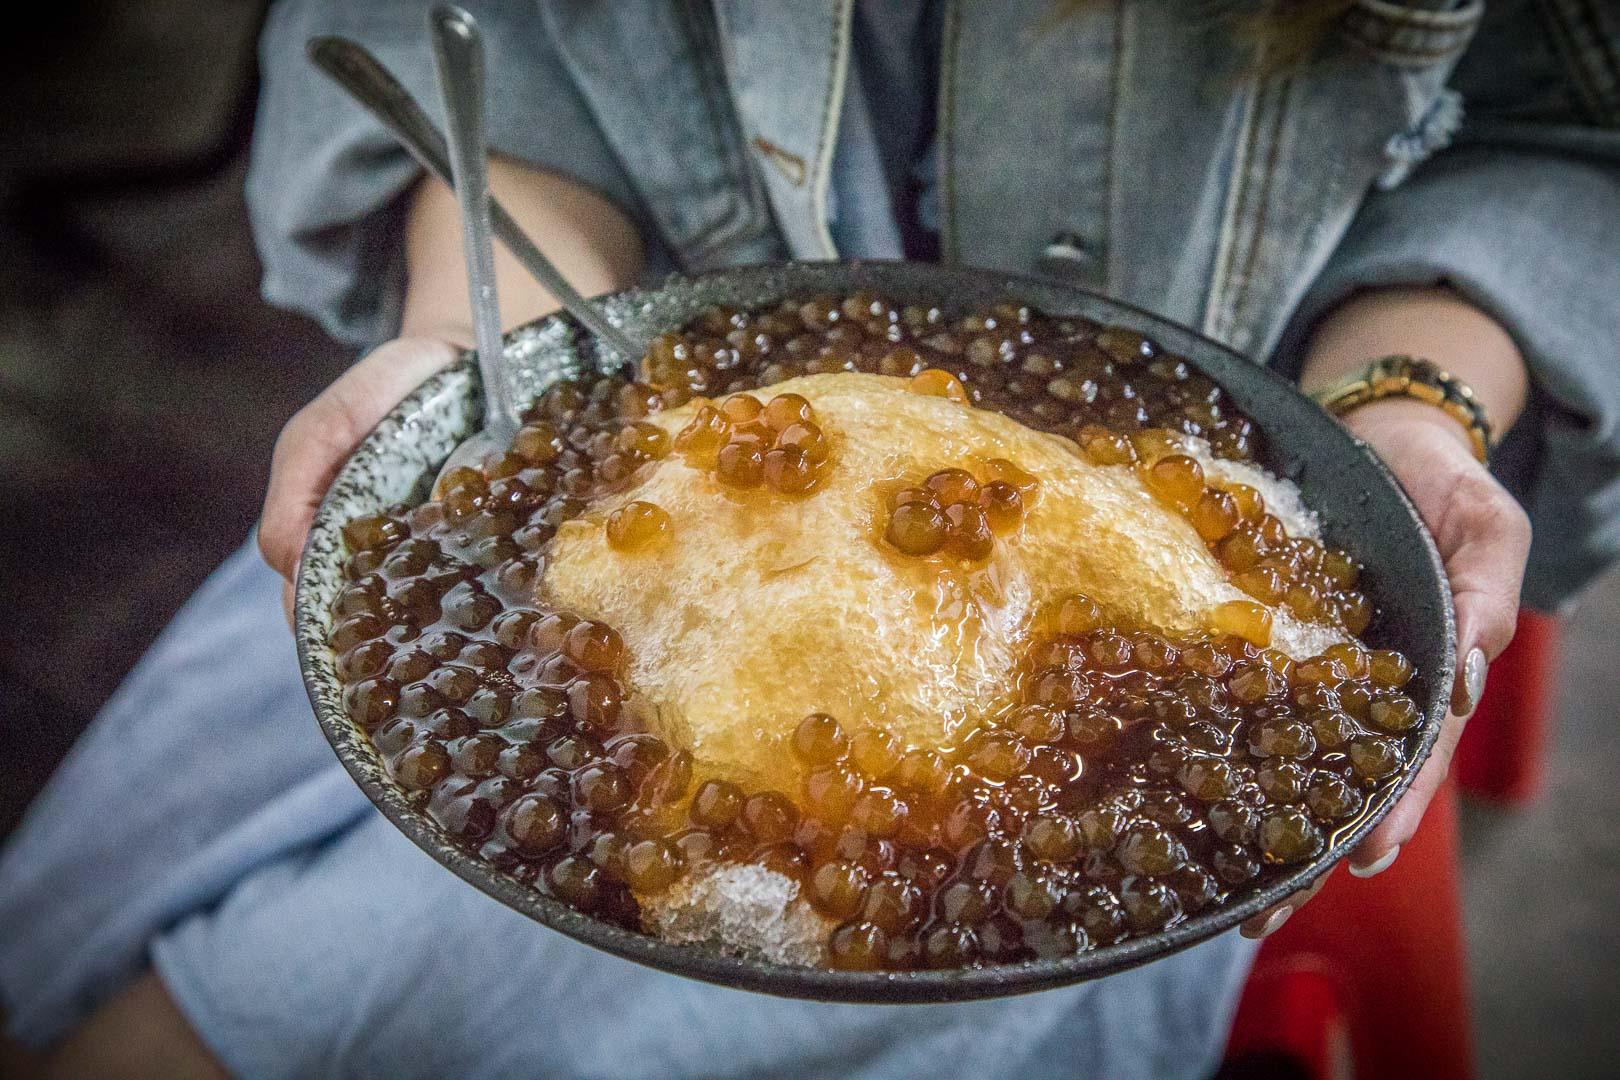 [宜蘭美食]冬山小可愛/粉圓鋪好鋪滿!這一碗可以三個人吃吧!?超巨大碗公粉圓冰只要50元!